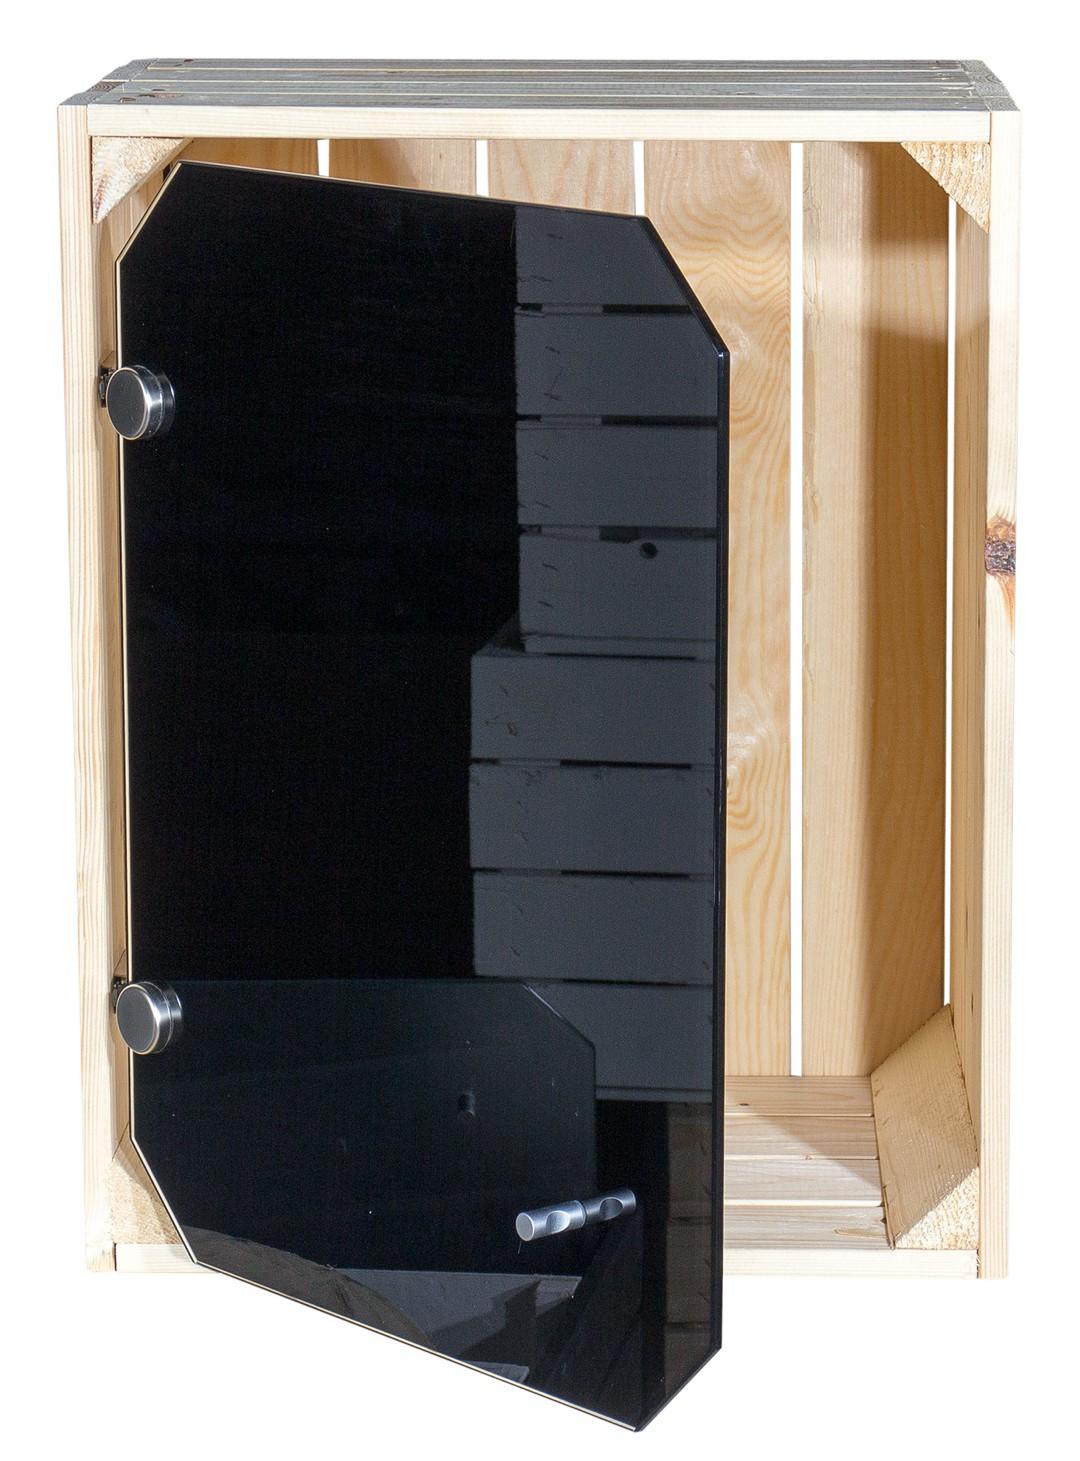 apfelkisten neue apfelkiste altes land mit glast r schwarz 50x40x30cm obstkisten online. Black Bedroom Furniture Sets. Home Design Ideas